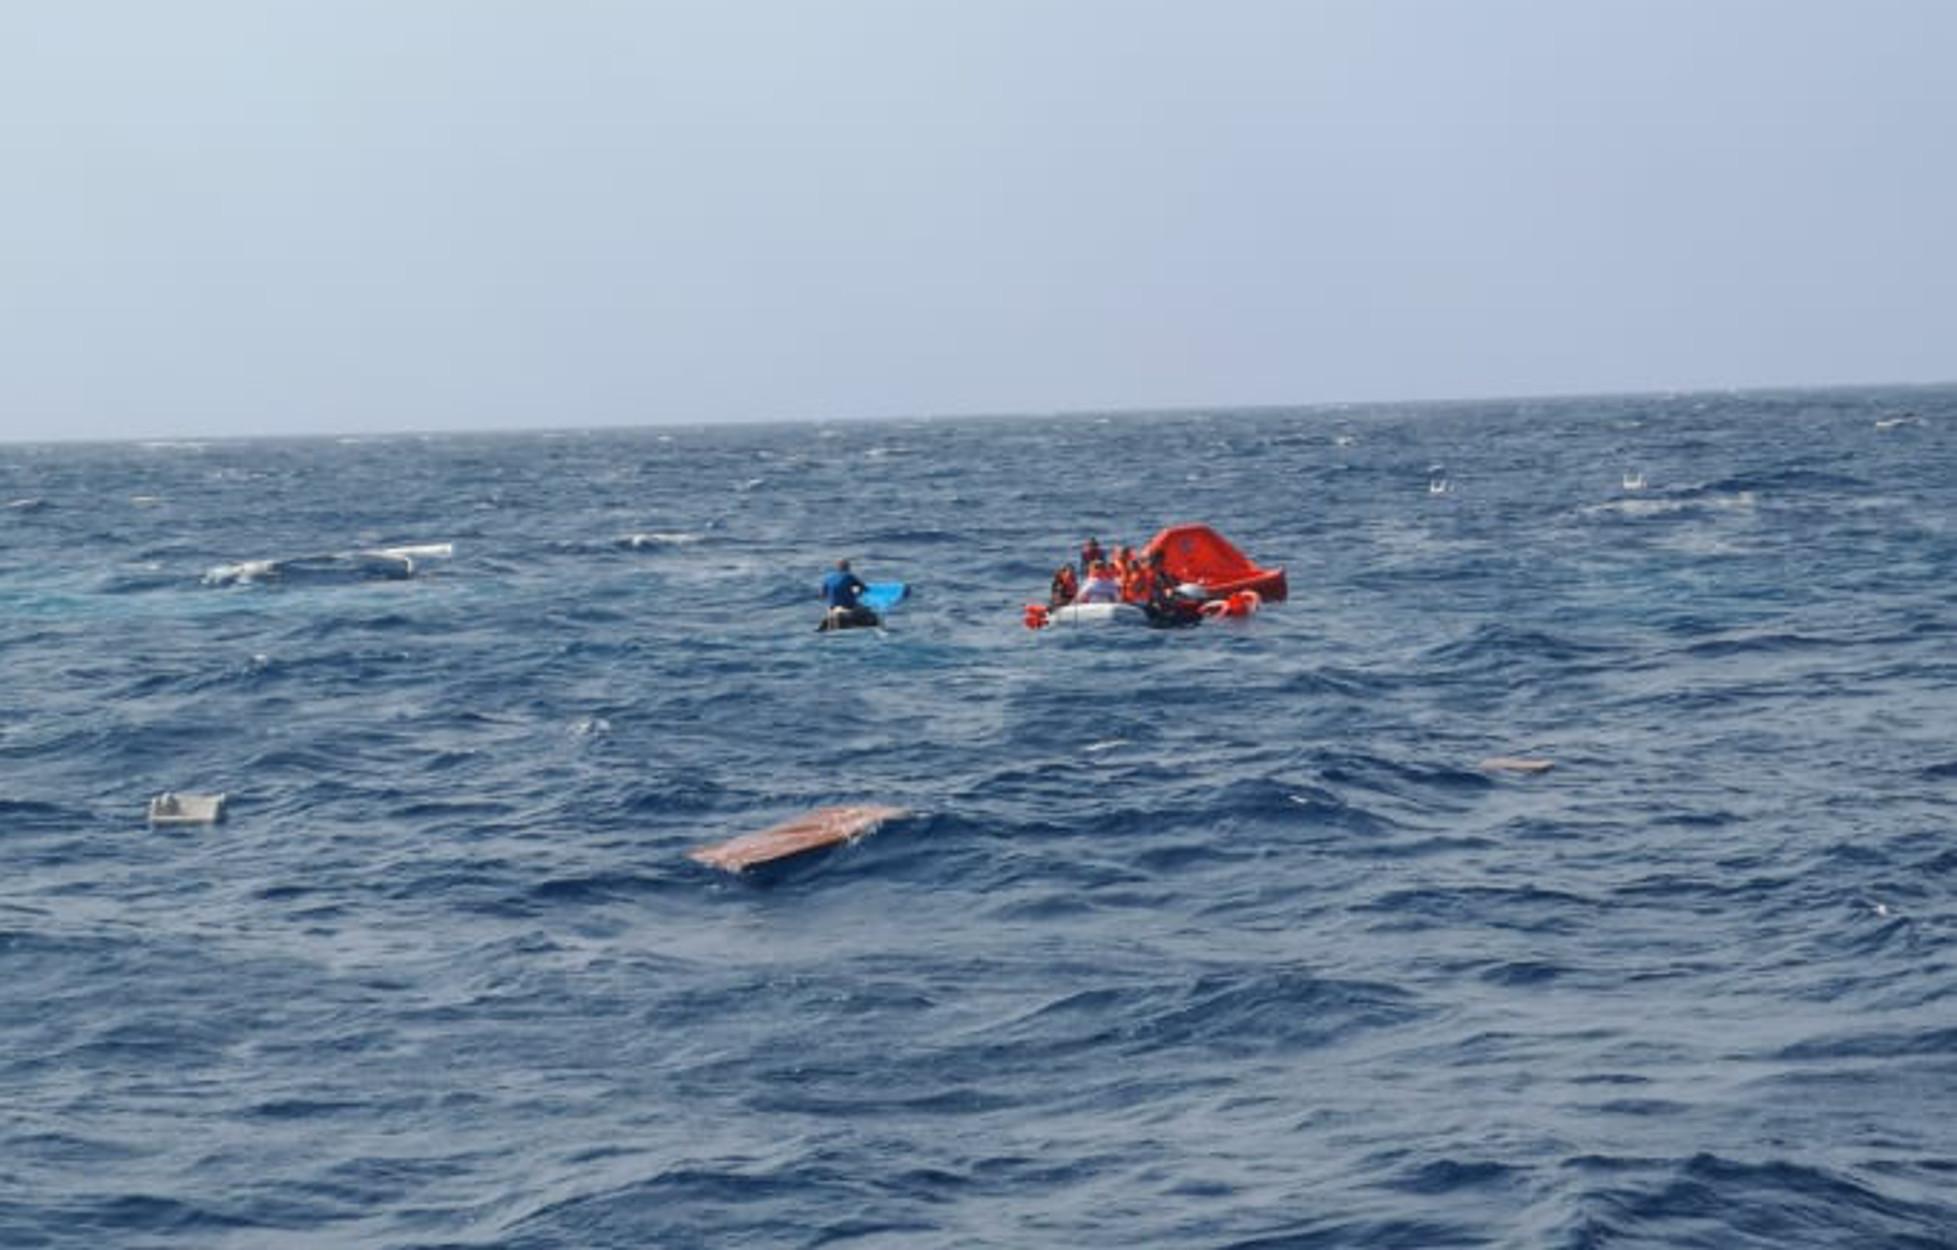 Μήλος: Οι πρώτες εικόνες από την δραματική διάσωση των 17 ναυαγών της θαλαμηγού